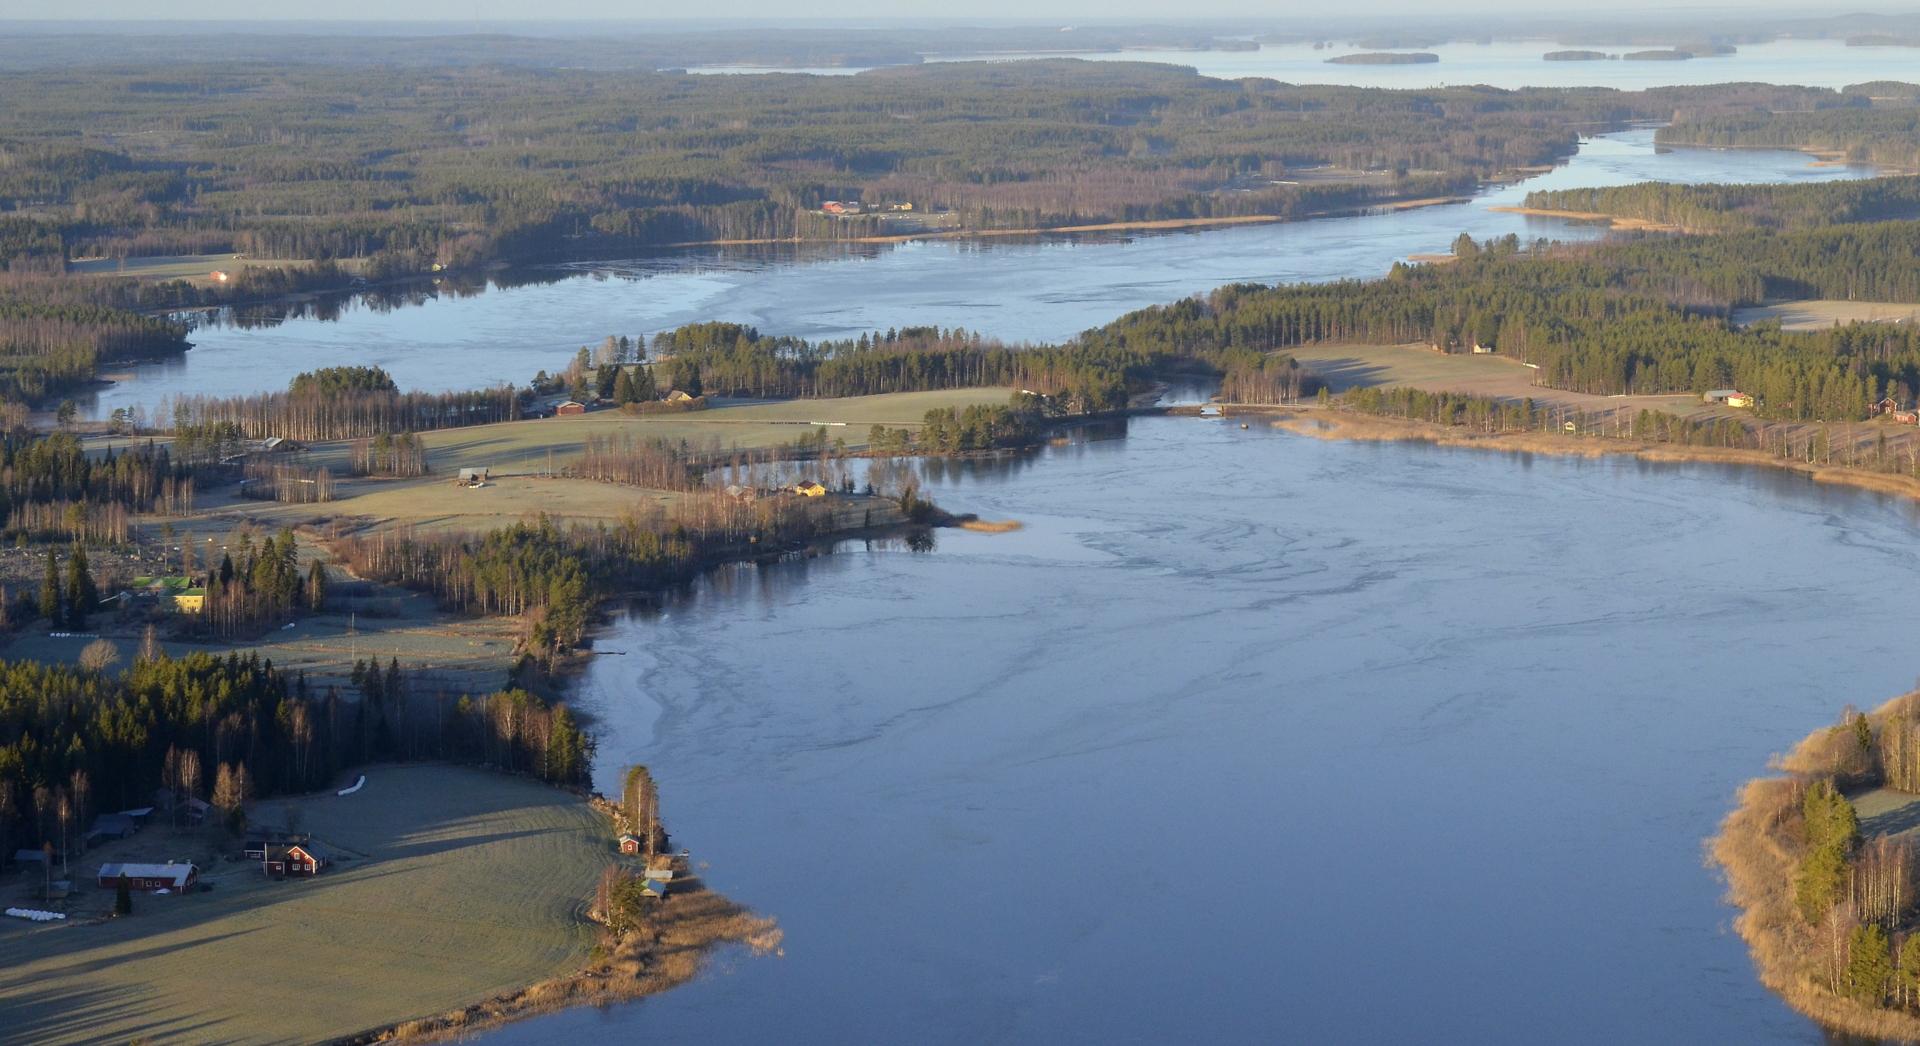 Pasalajärvessä pieni sula Törmän ja Leväniemen rannassa.